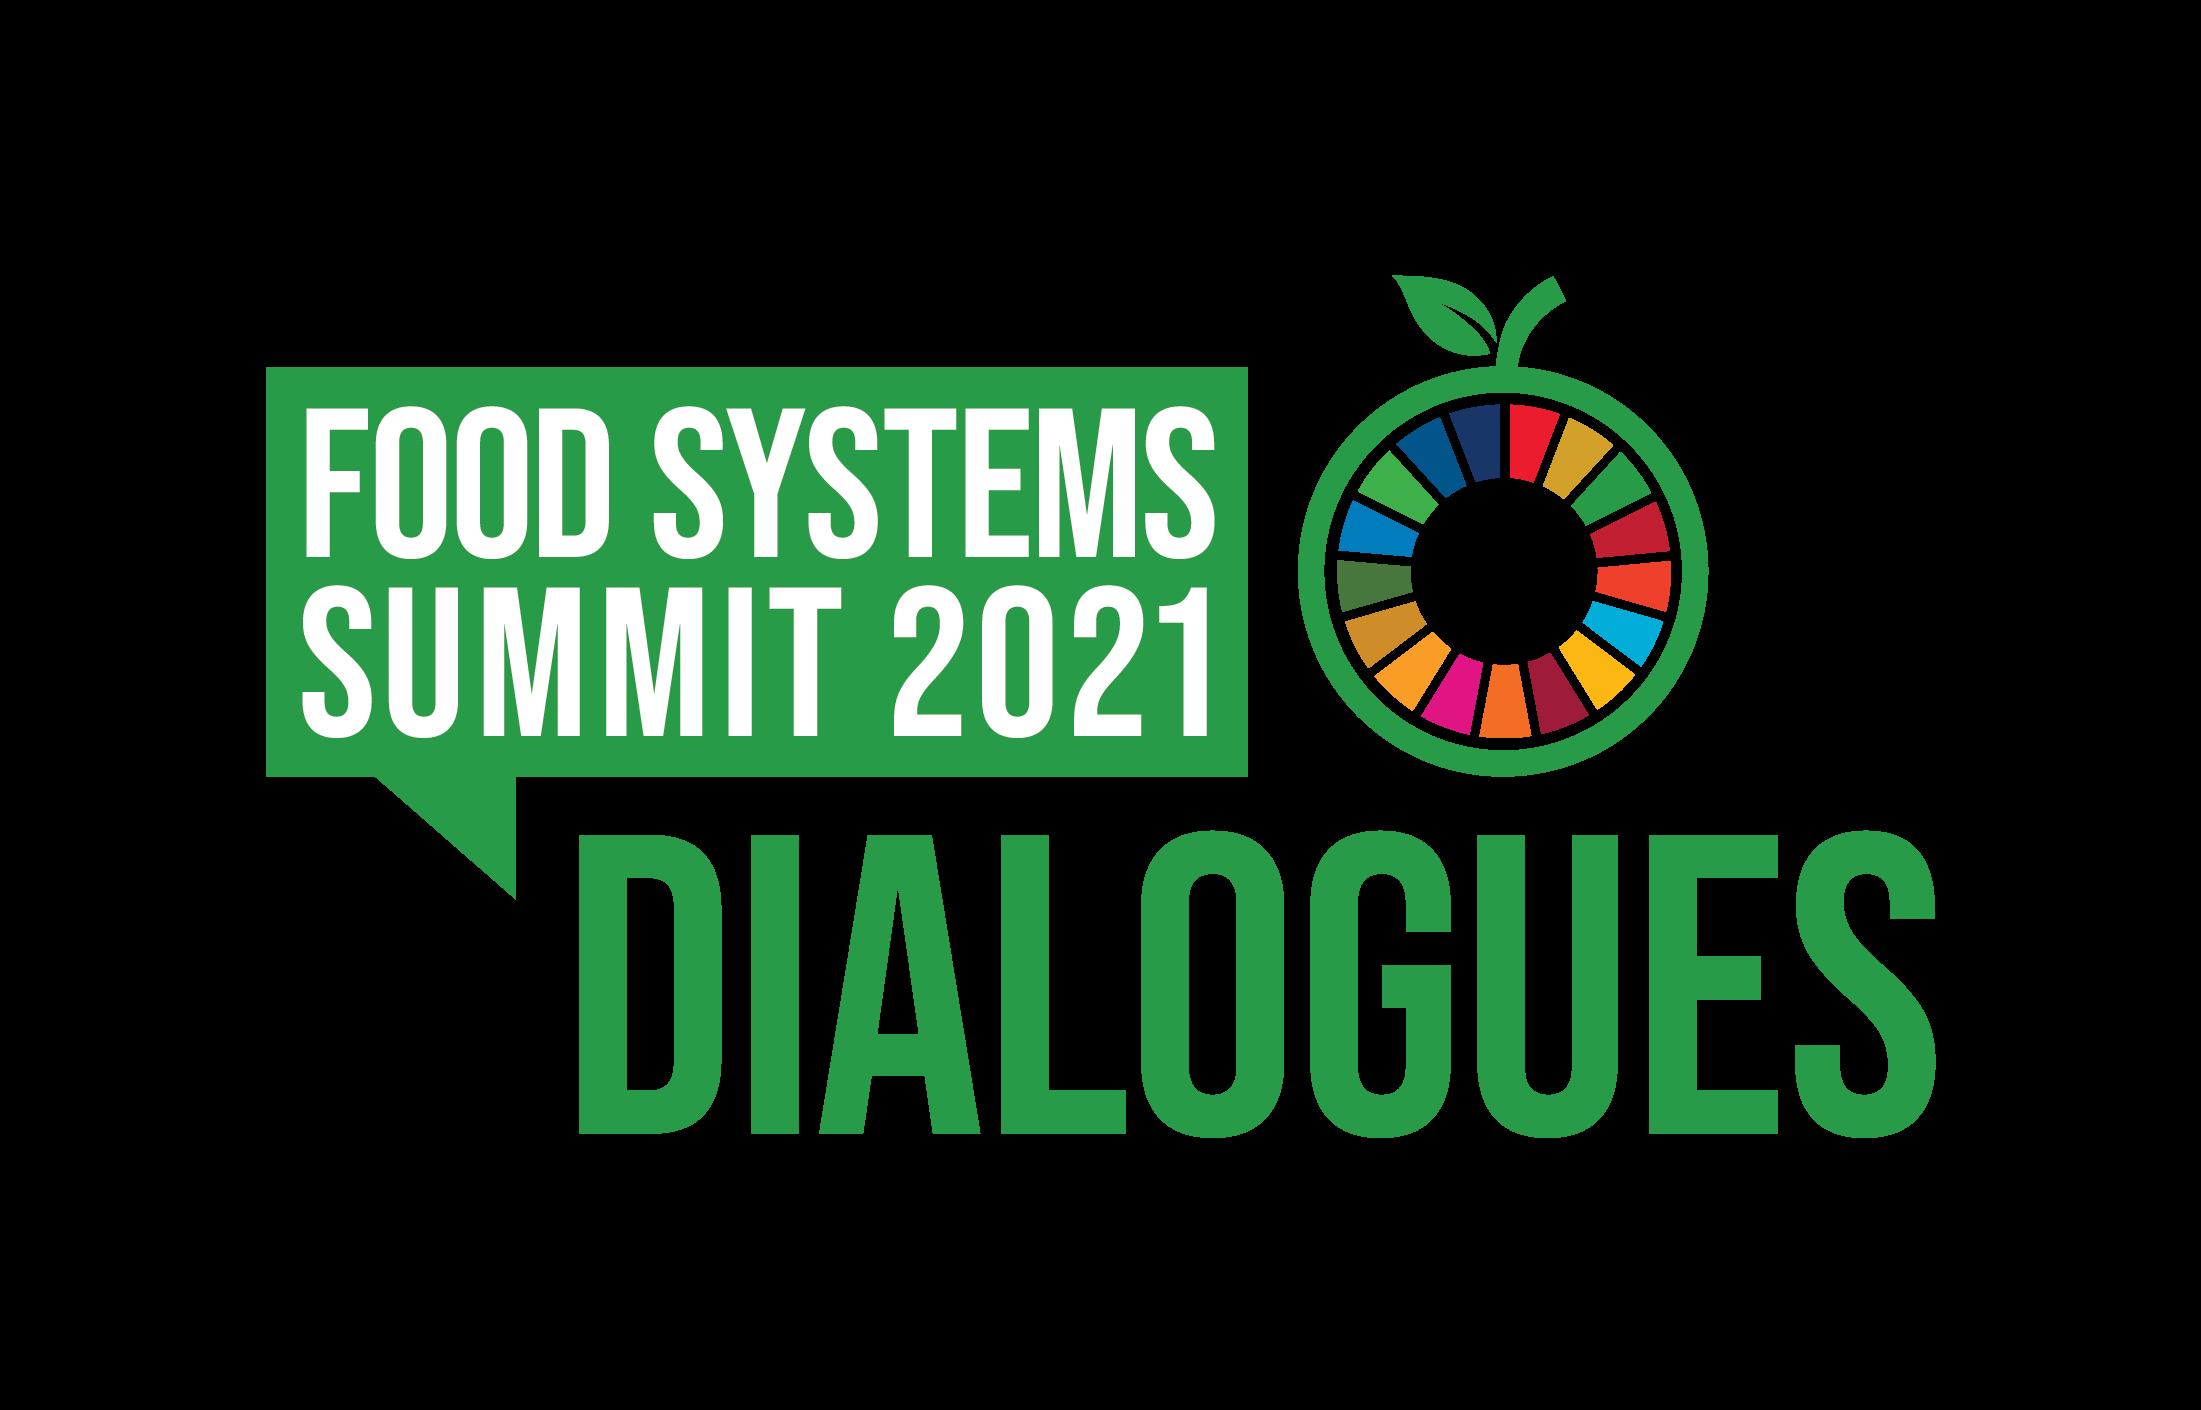 INRAE participe au Sommet 2021 des Nations unies sur les systèmes alimentaires